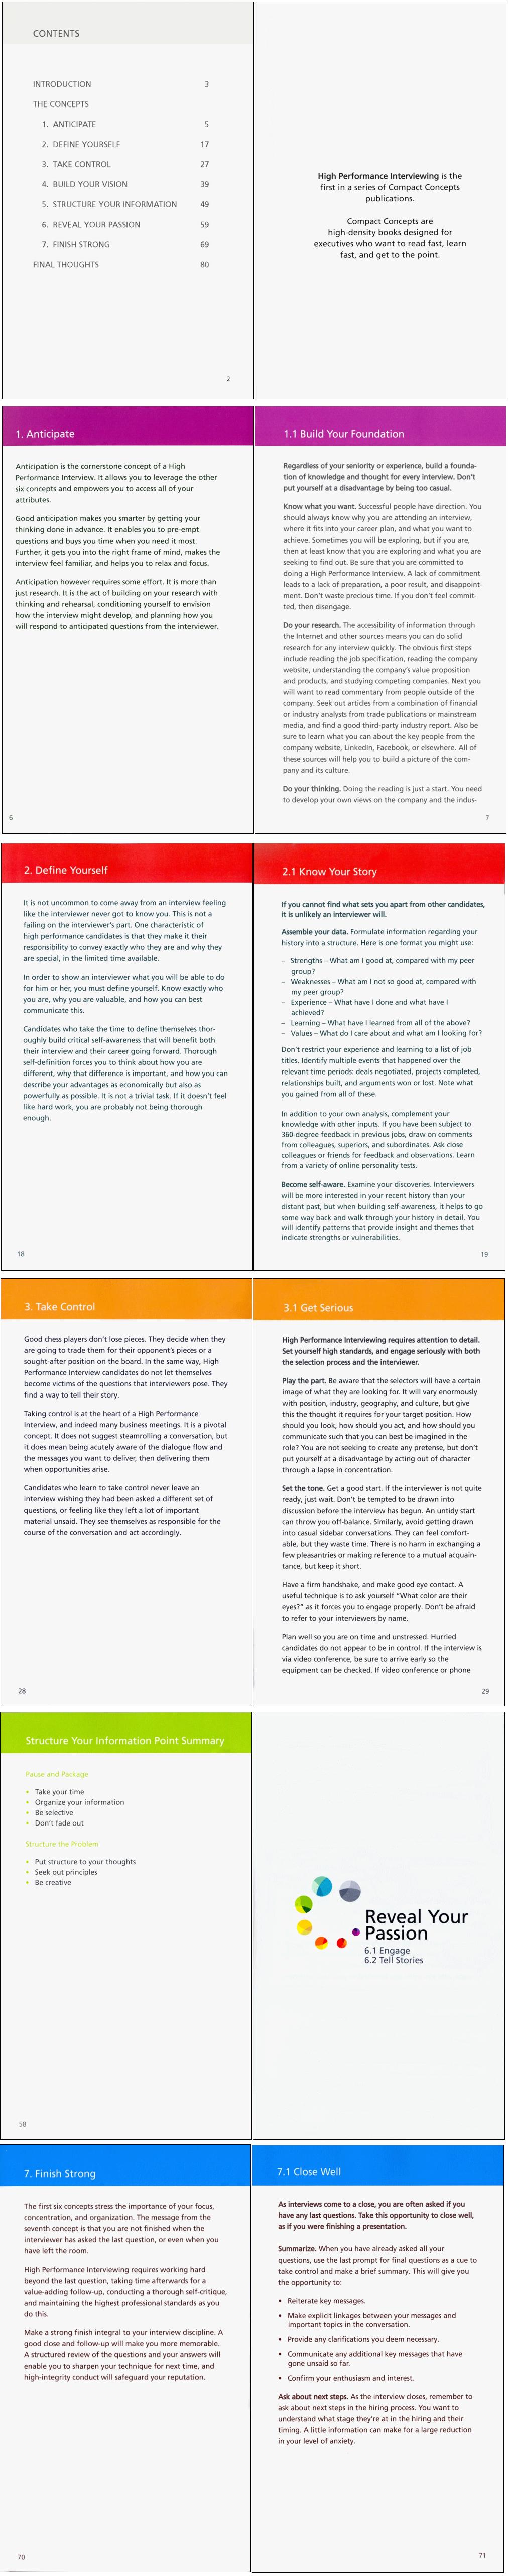 HPI Sample Pages.png